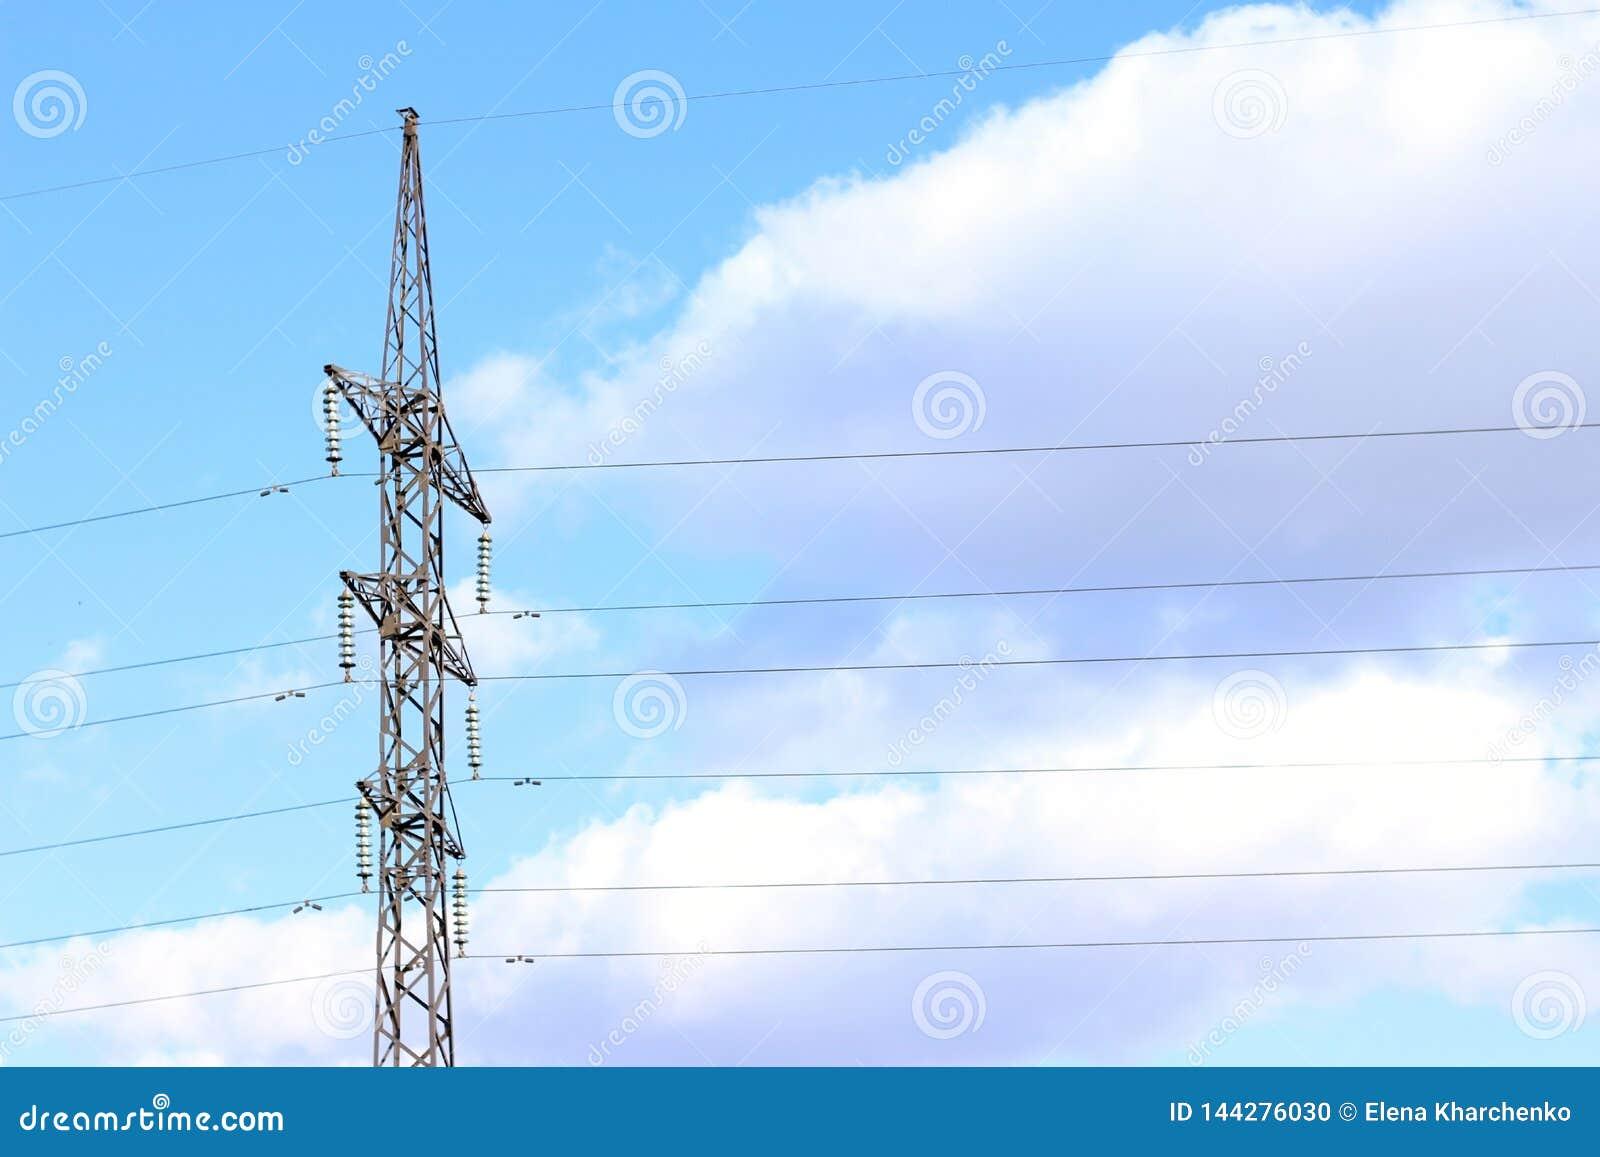 Ηλεκτροφόρο καλώδιο ενάντια στο μπλε ουρανό με το καλώδιο σταθμών παραγωγής ηλεκτρικού ρεύματος σύννεφων